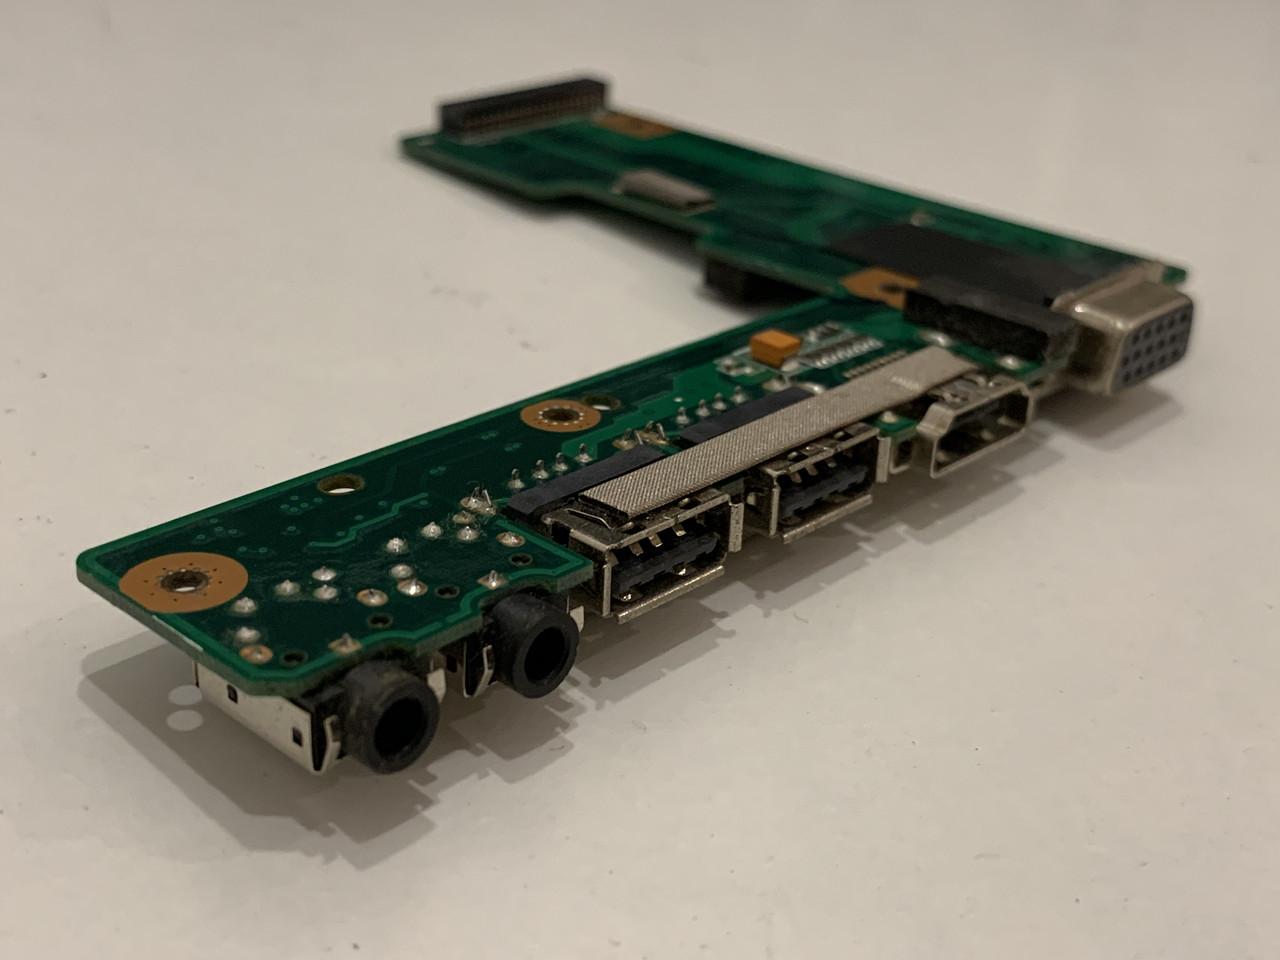 Запчасти для ноутбука Asus K52D - Аудио, HDMI, VGA, USB доп. плата 60-NZll01000-B02